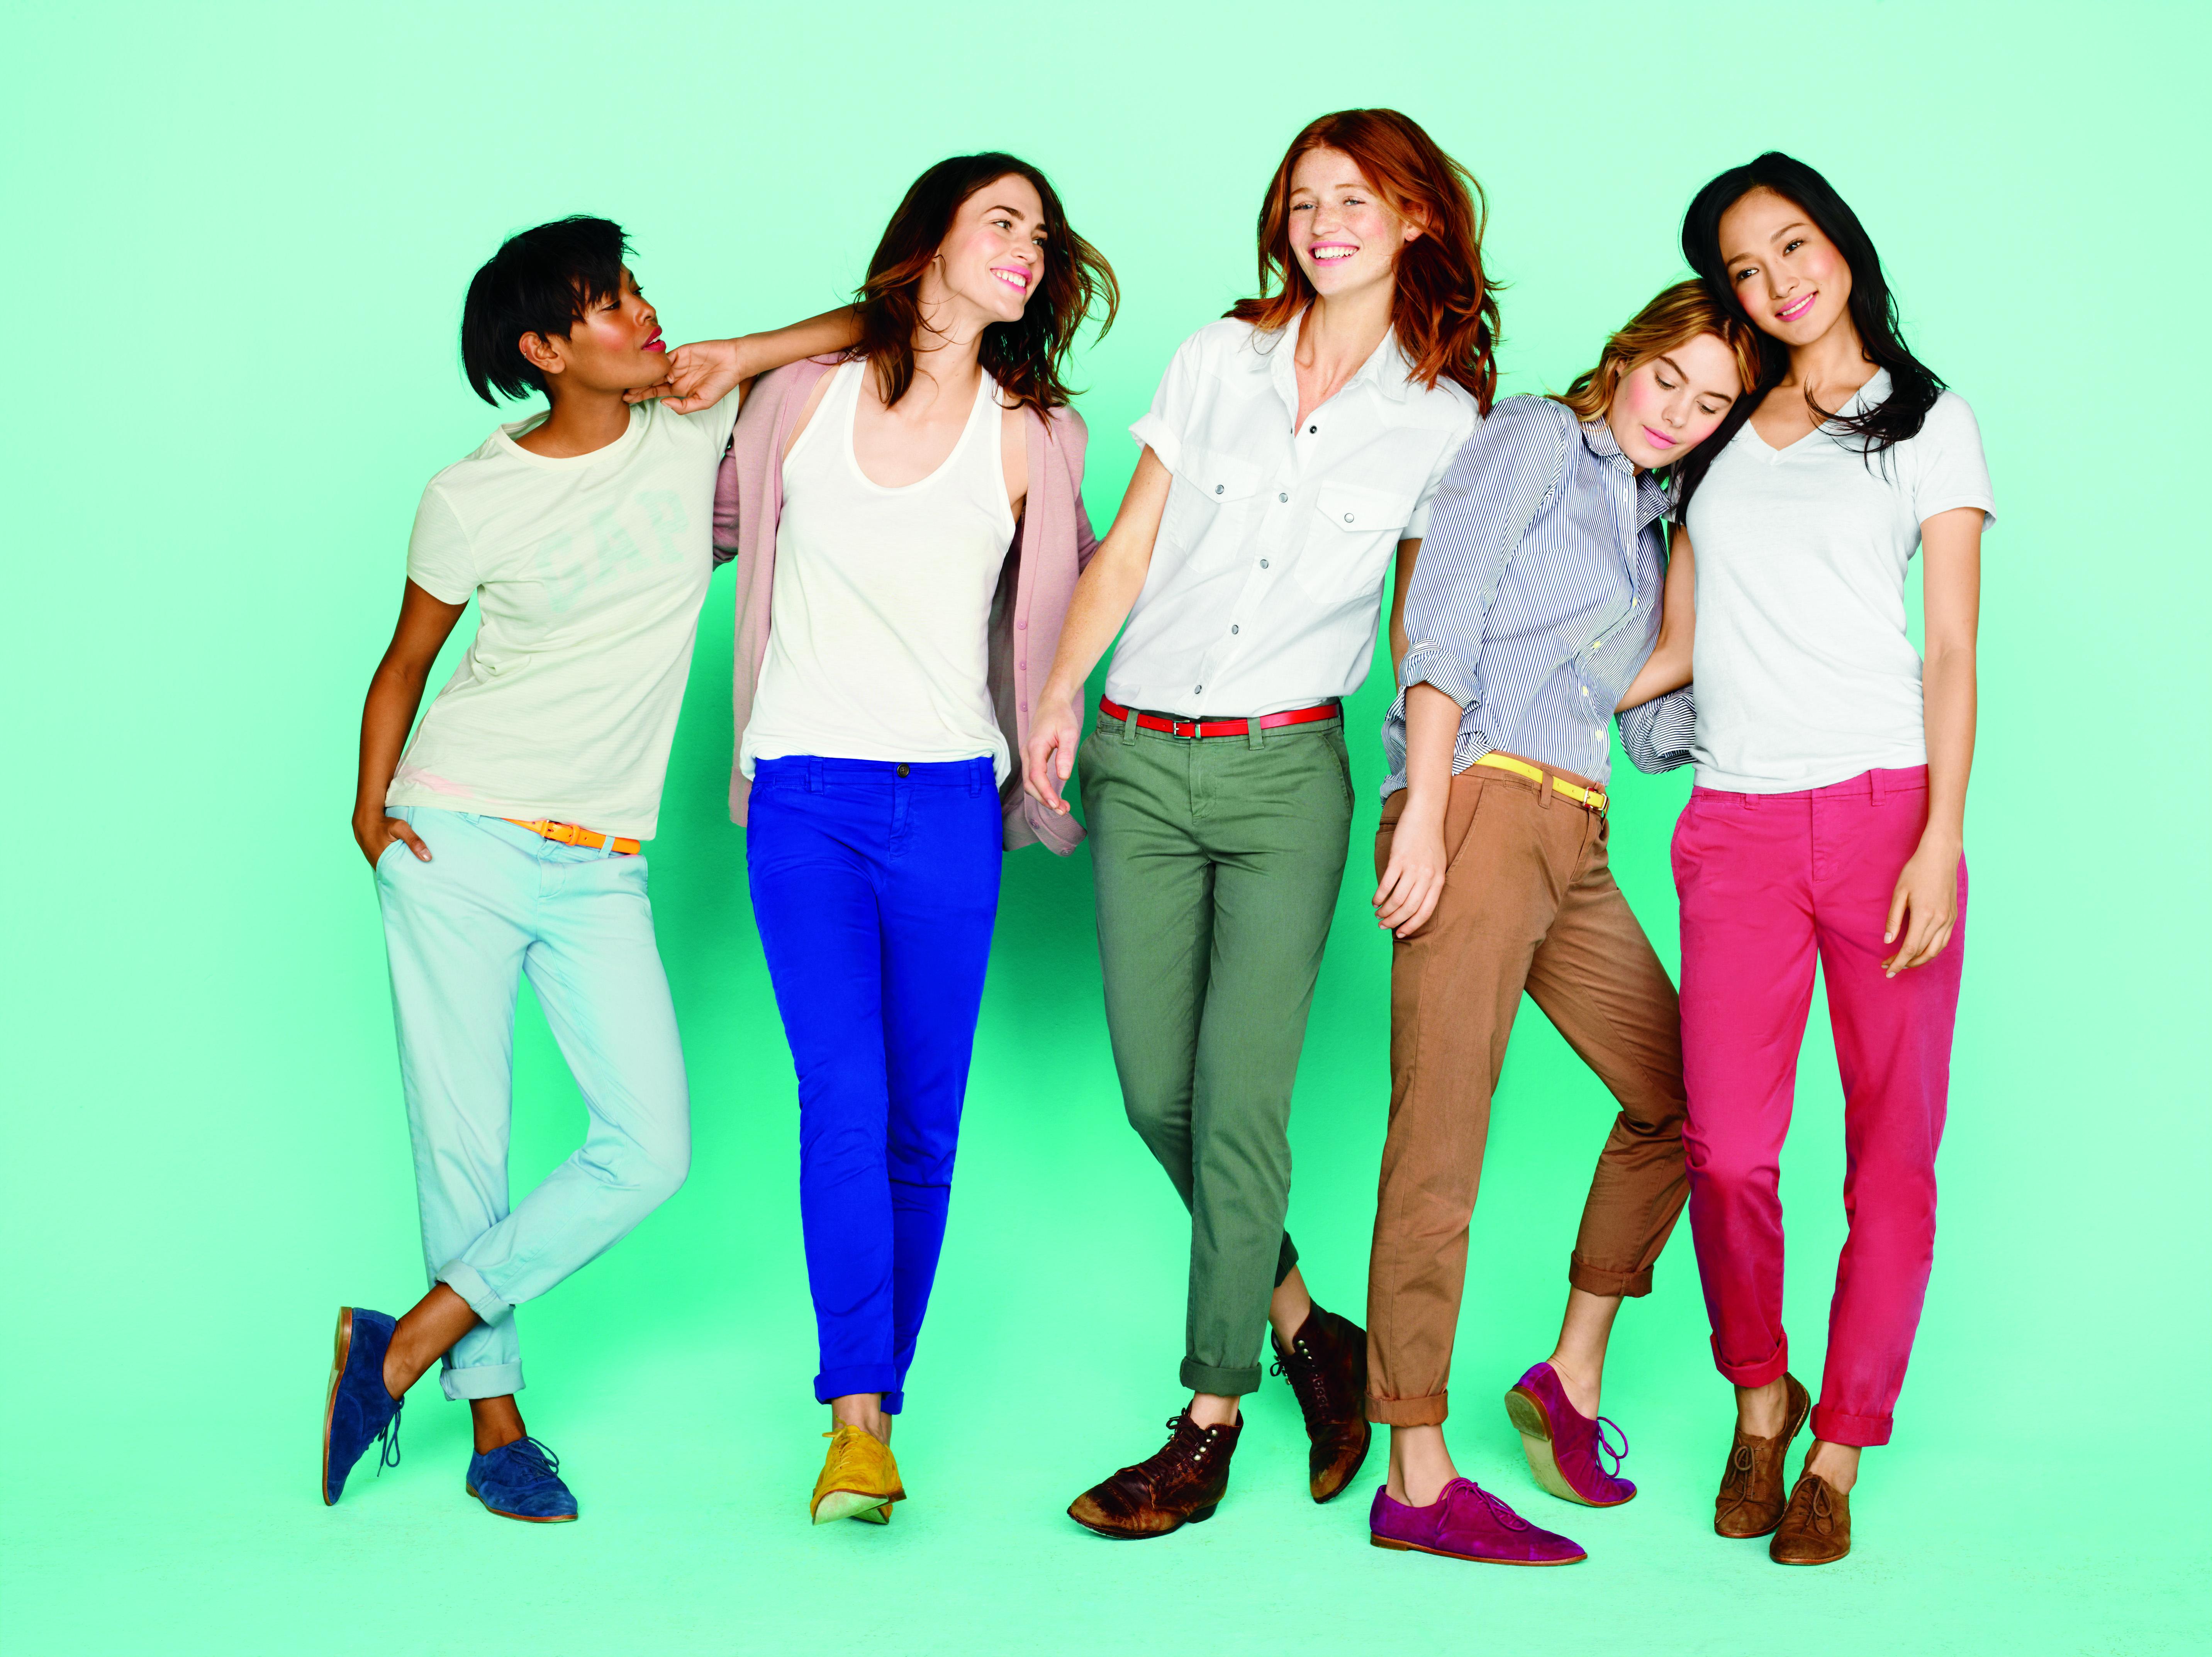 Be Bright, la nueva colección de Gap